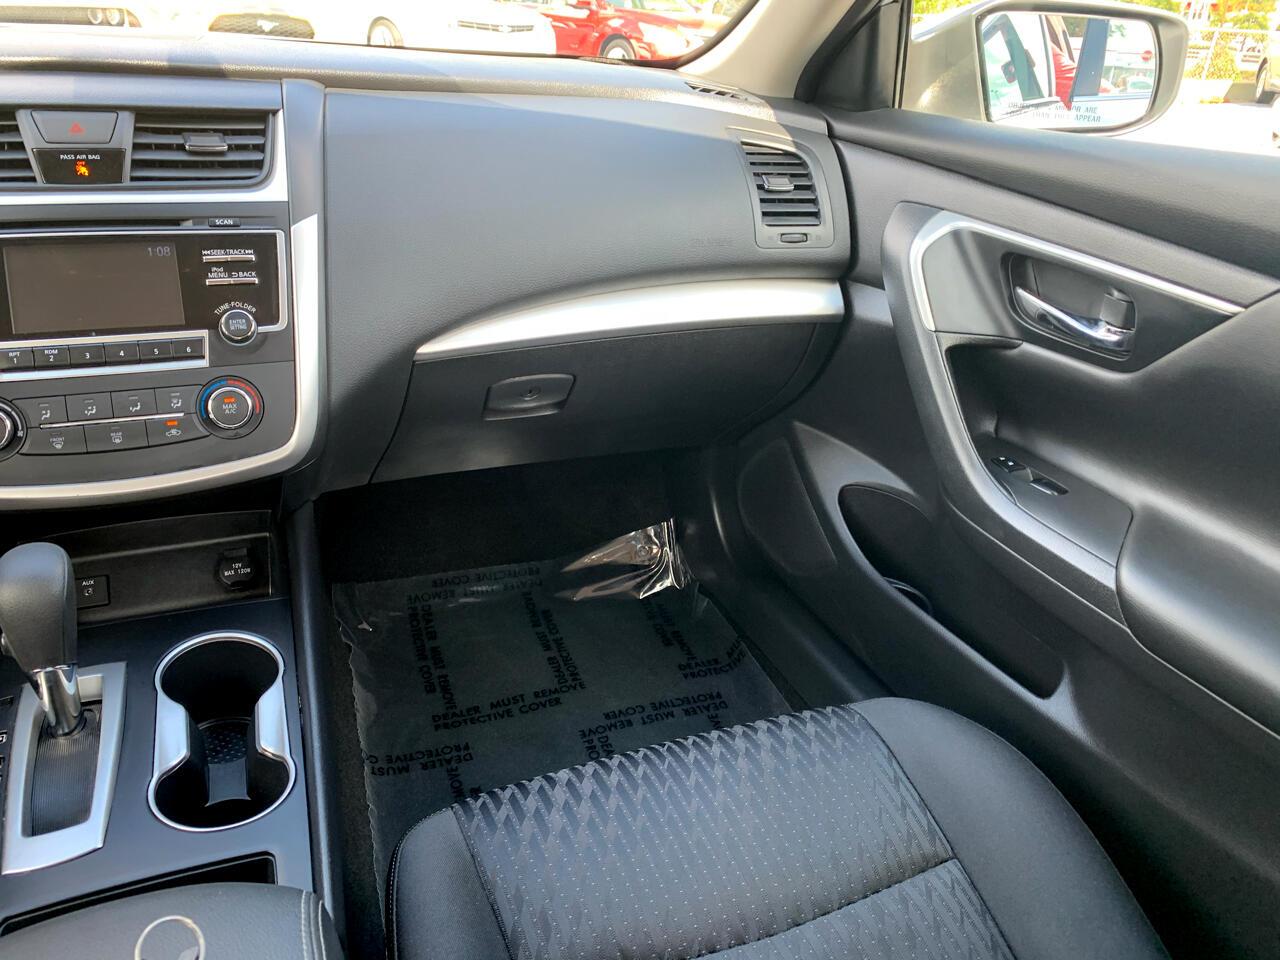 2018 Nissan Altima 2.5 S Sedan